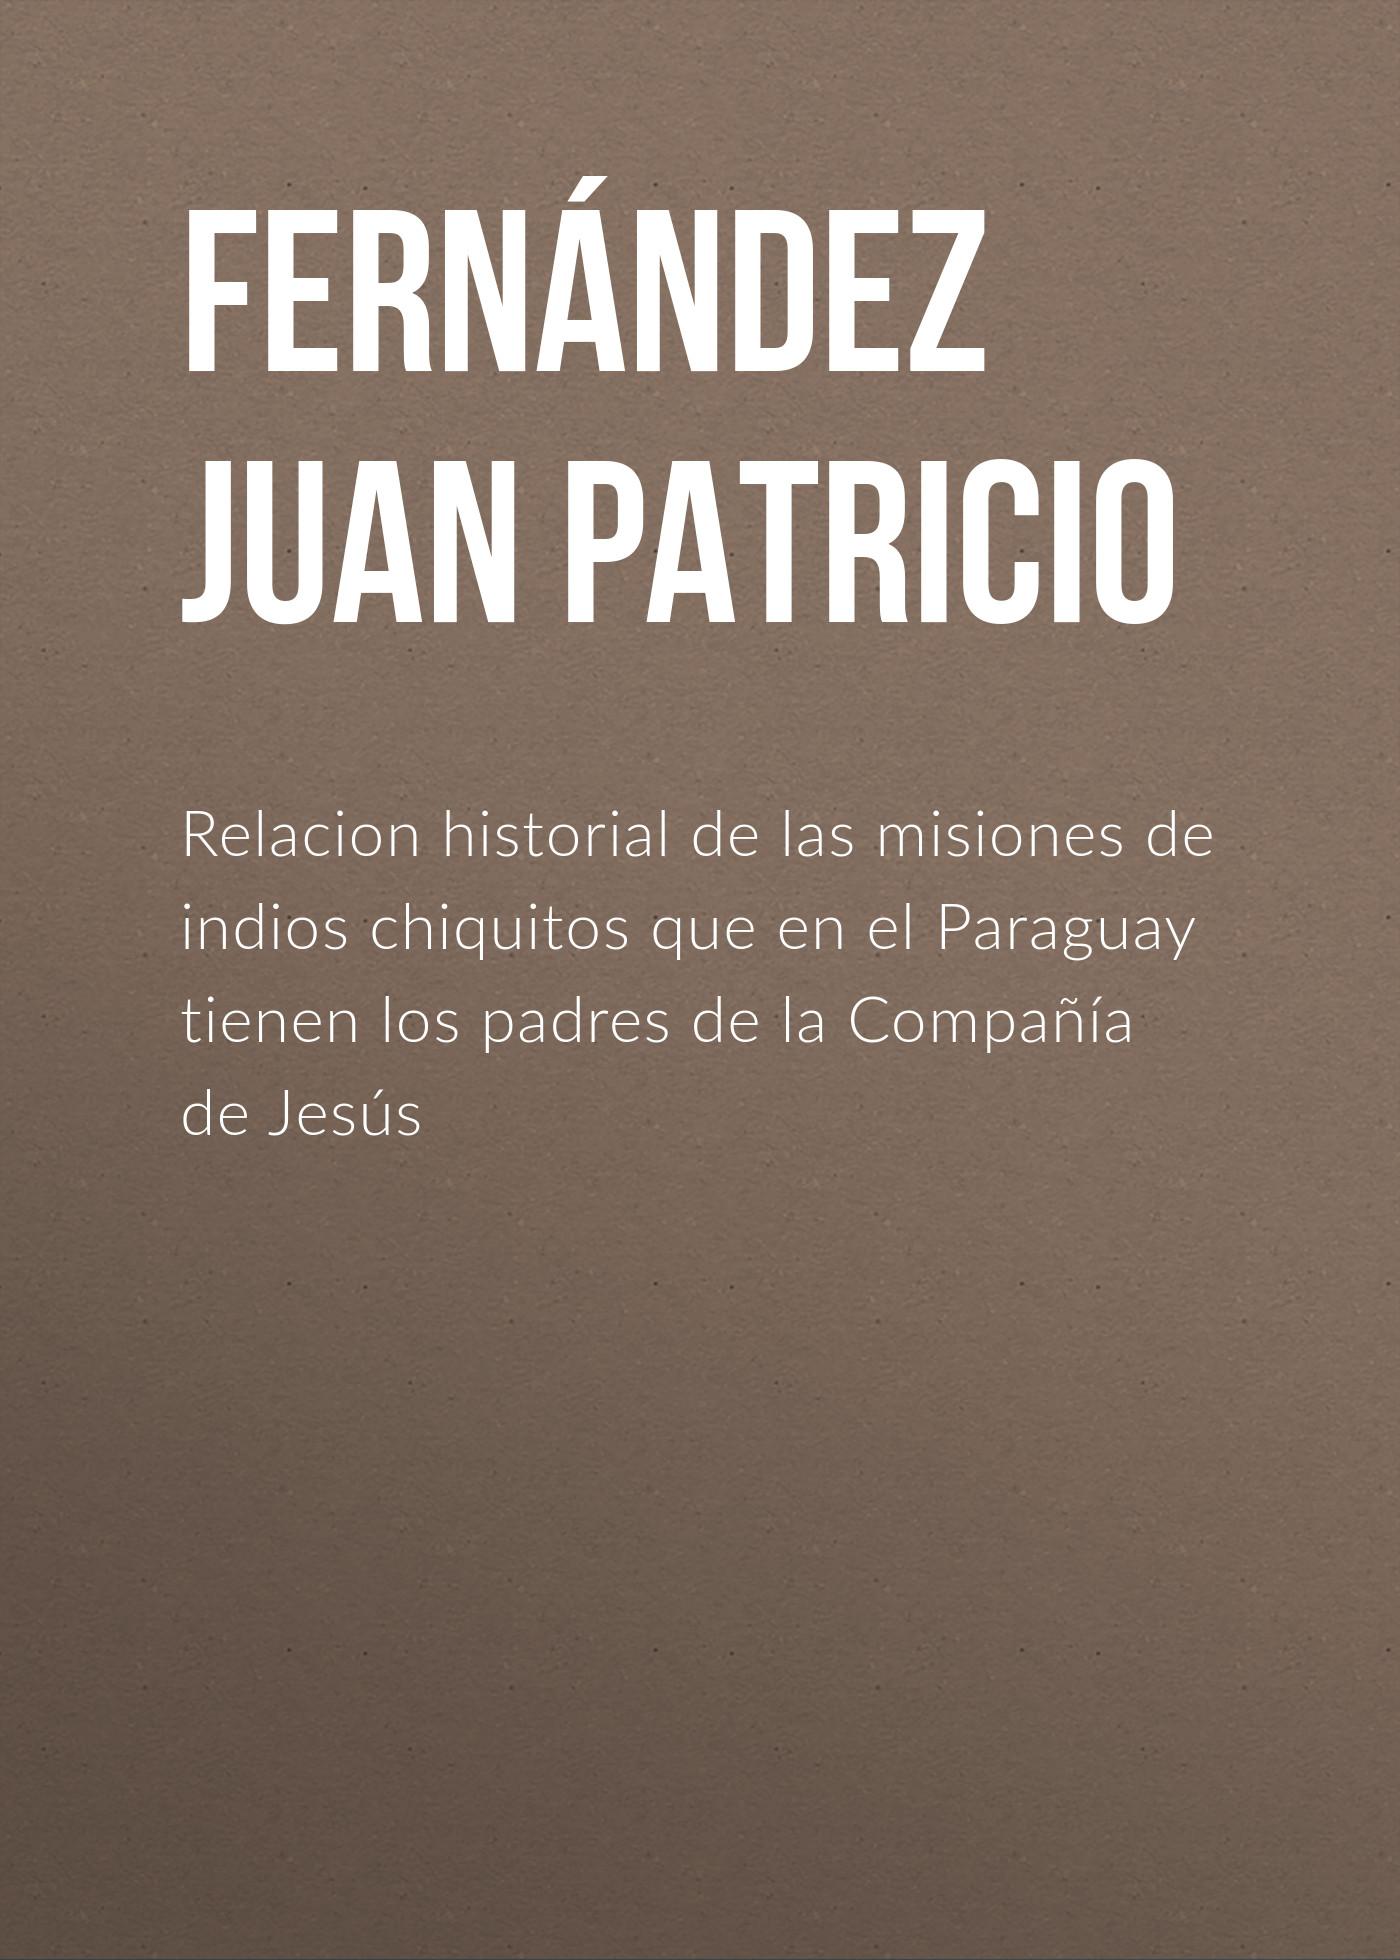 цены Fernández Juan Patricio Relacion historial de las misiones de indios chiquitos que en el Paraguay tienen los padres de la Compañía de Jesús